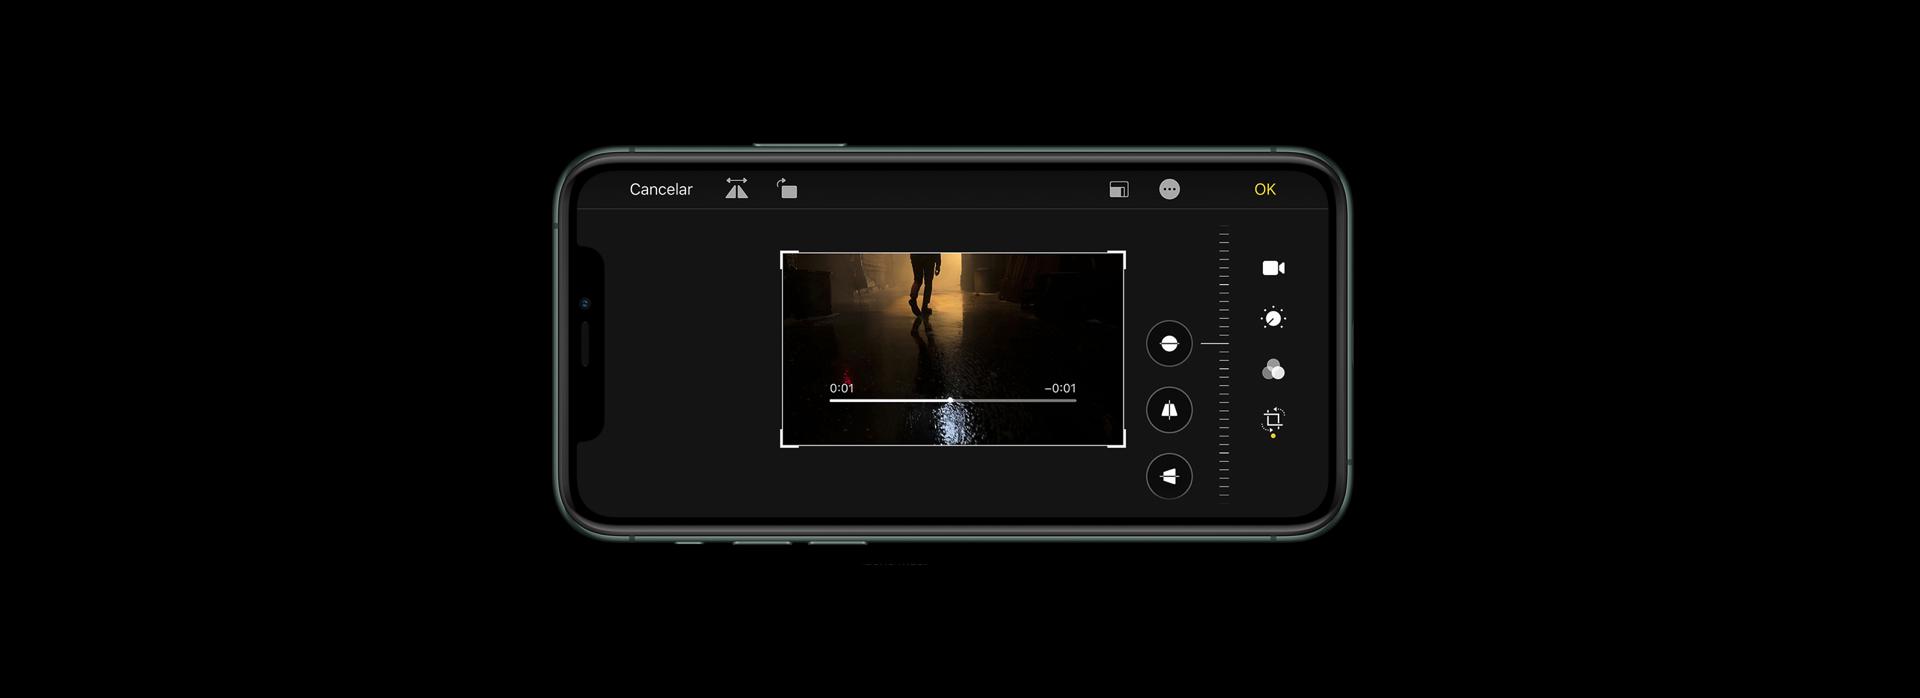 Captura de pantalla 2020-03-27 a las 8-5